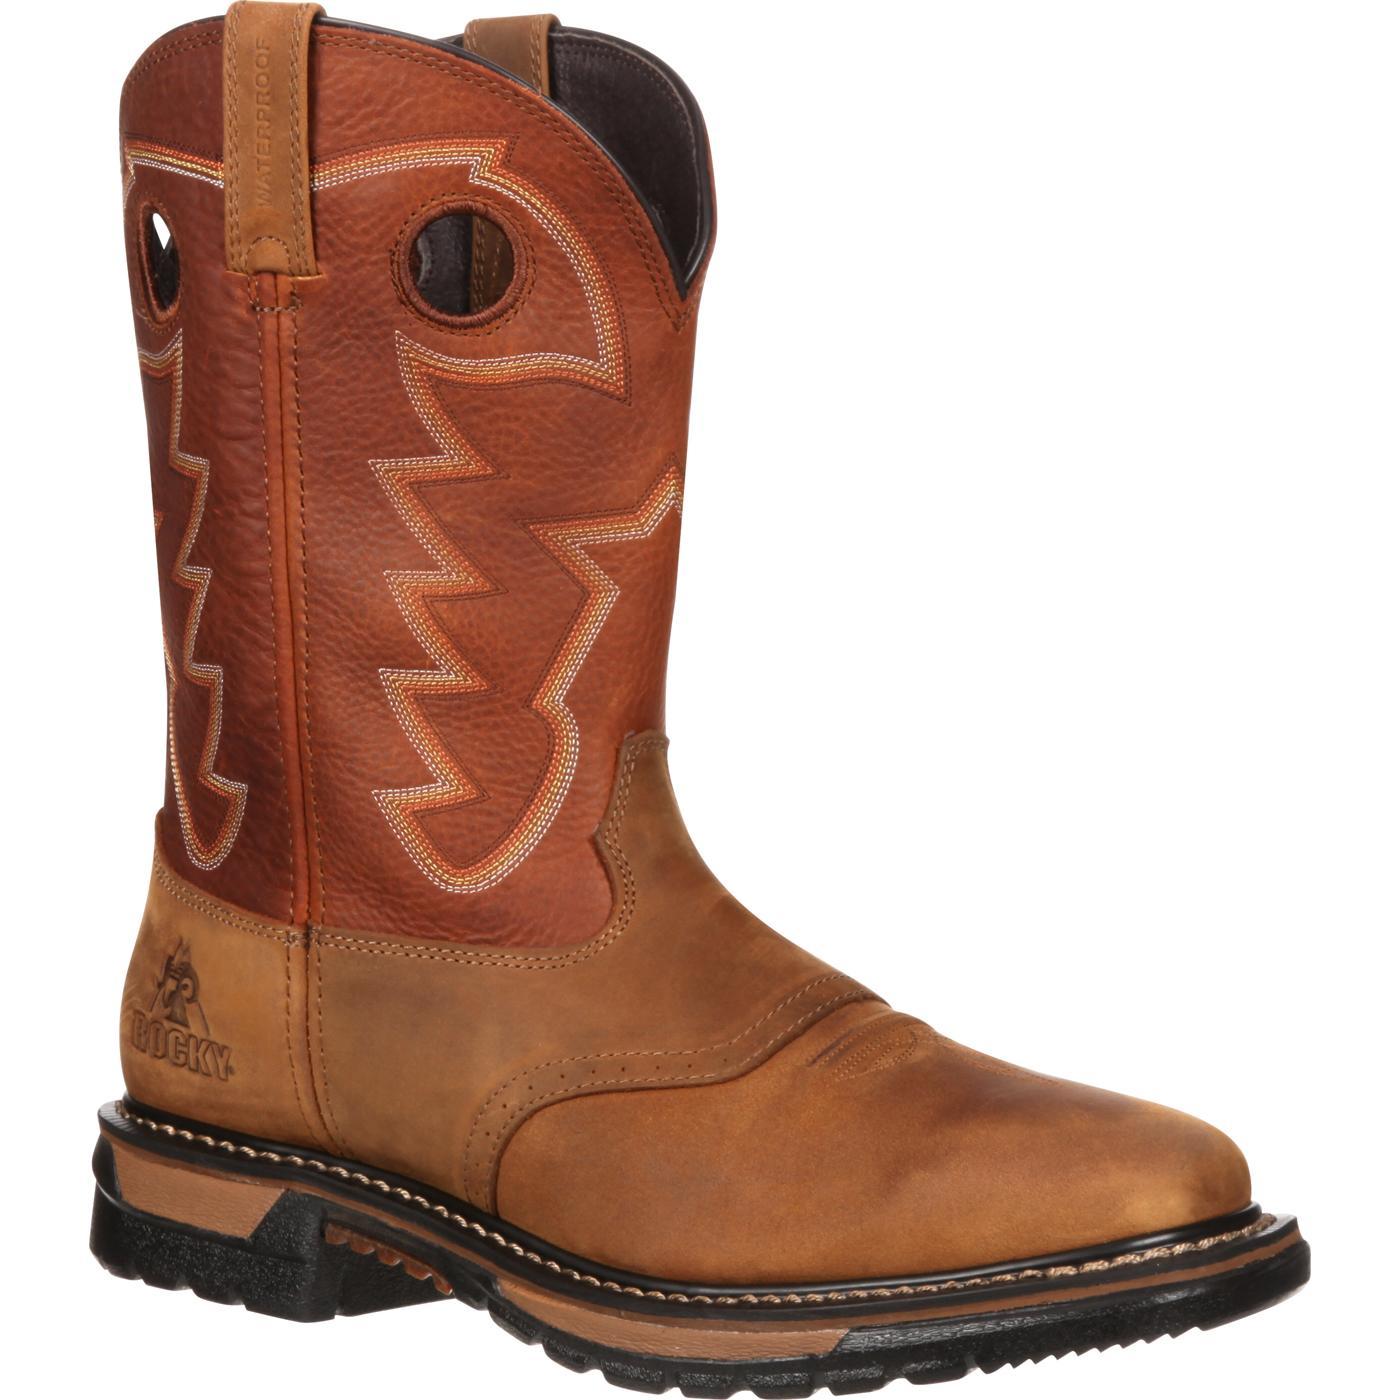 Rocky Original Ride Waterproof Western Boots Rkyw039